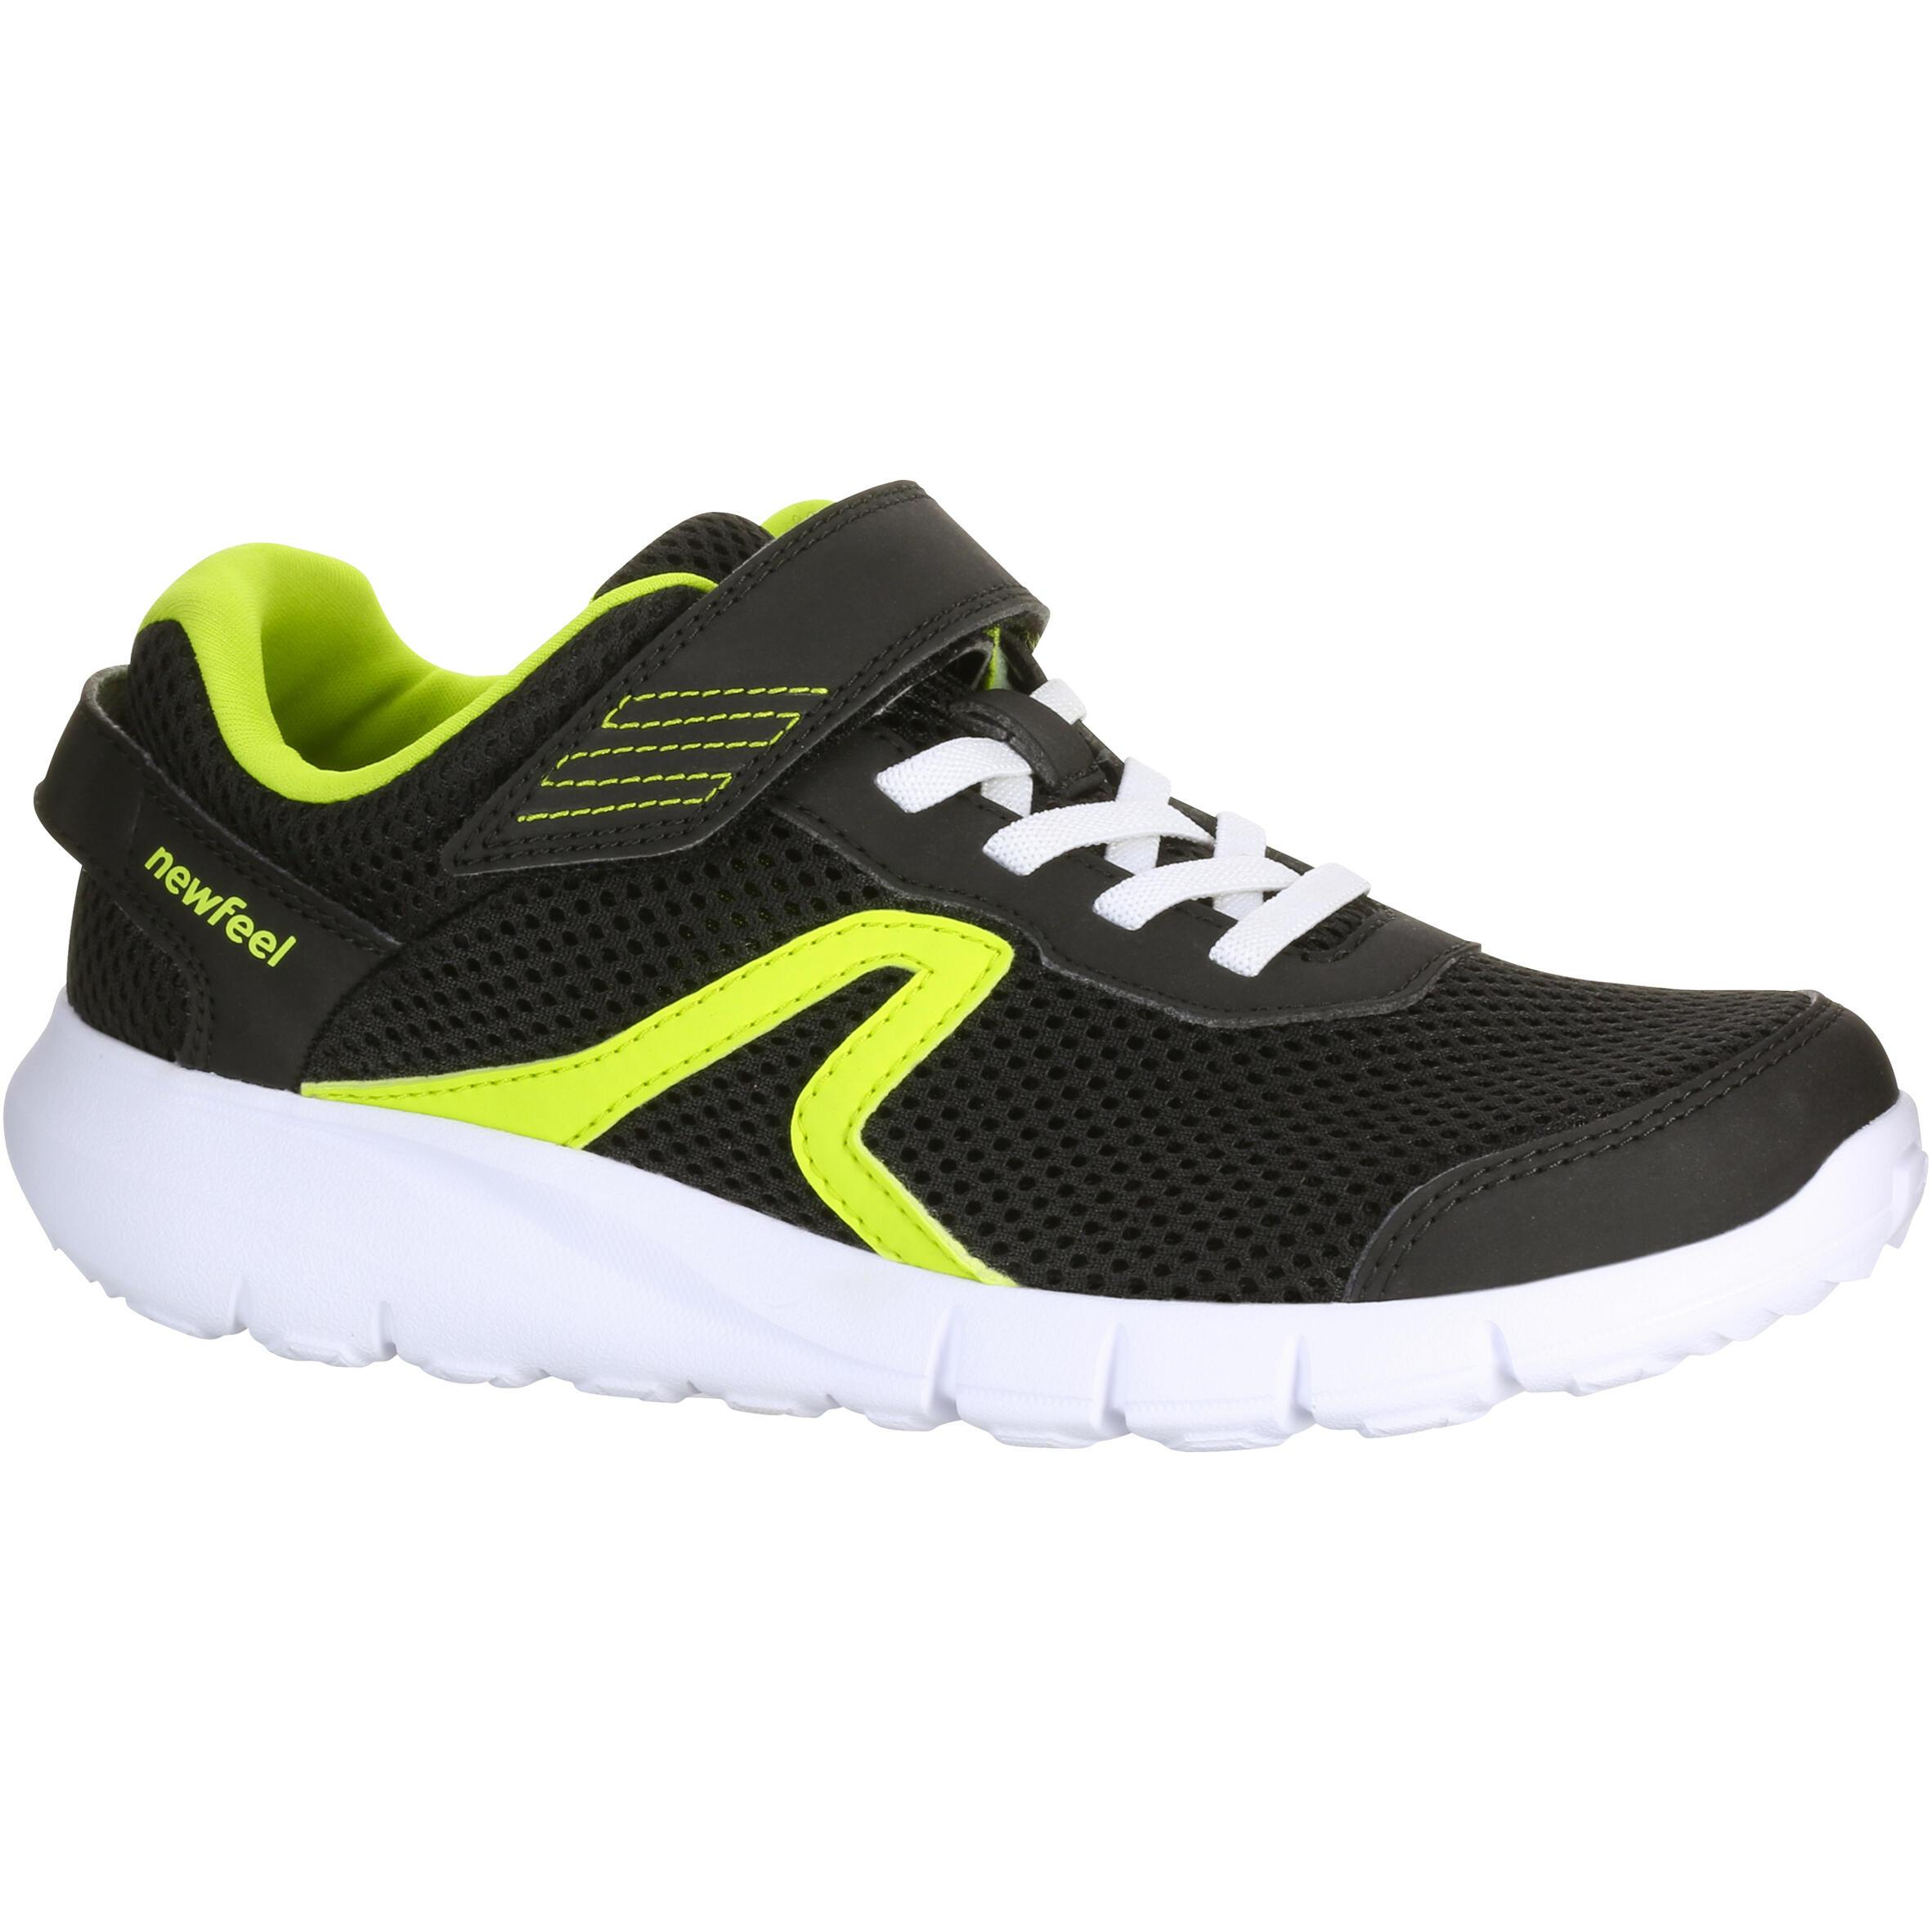 Chaussures marche enfant soft 140 fresh noir jaune newfeel